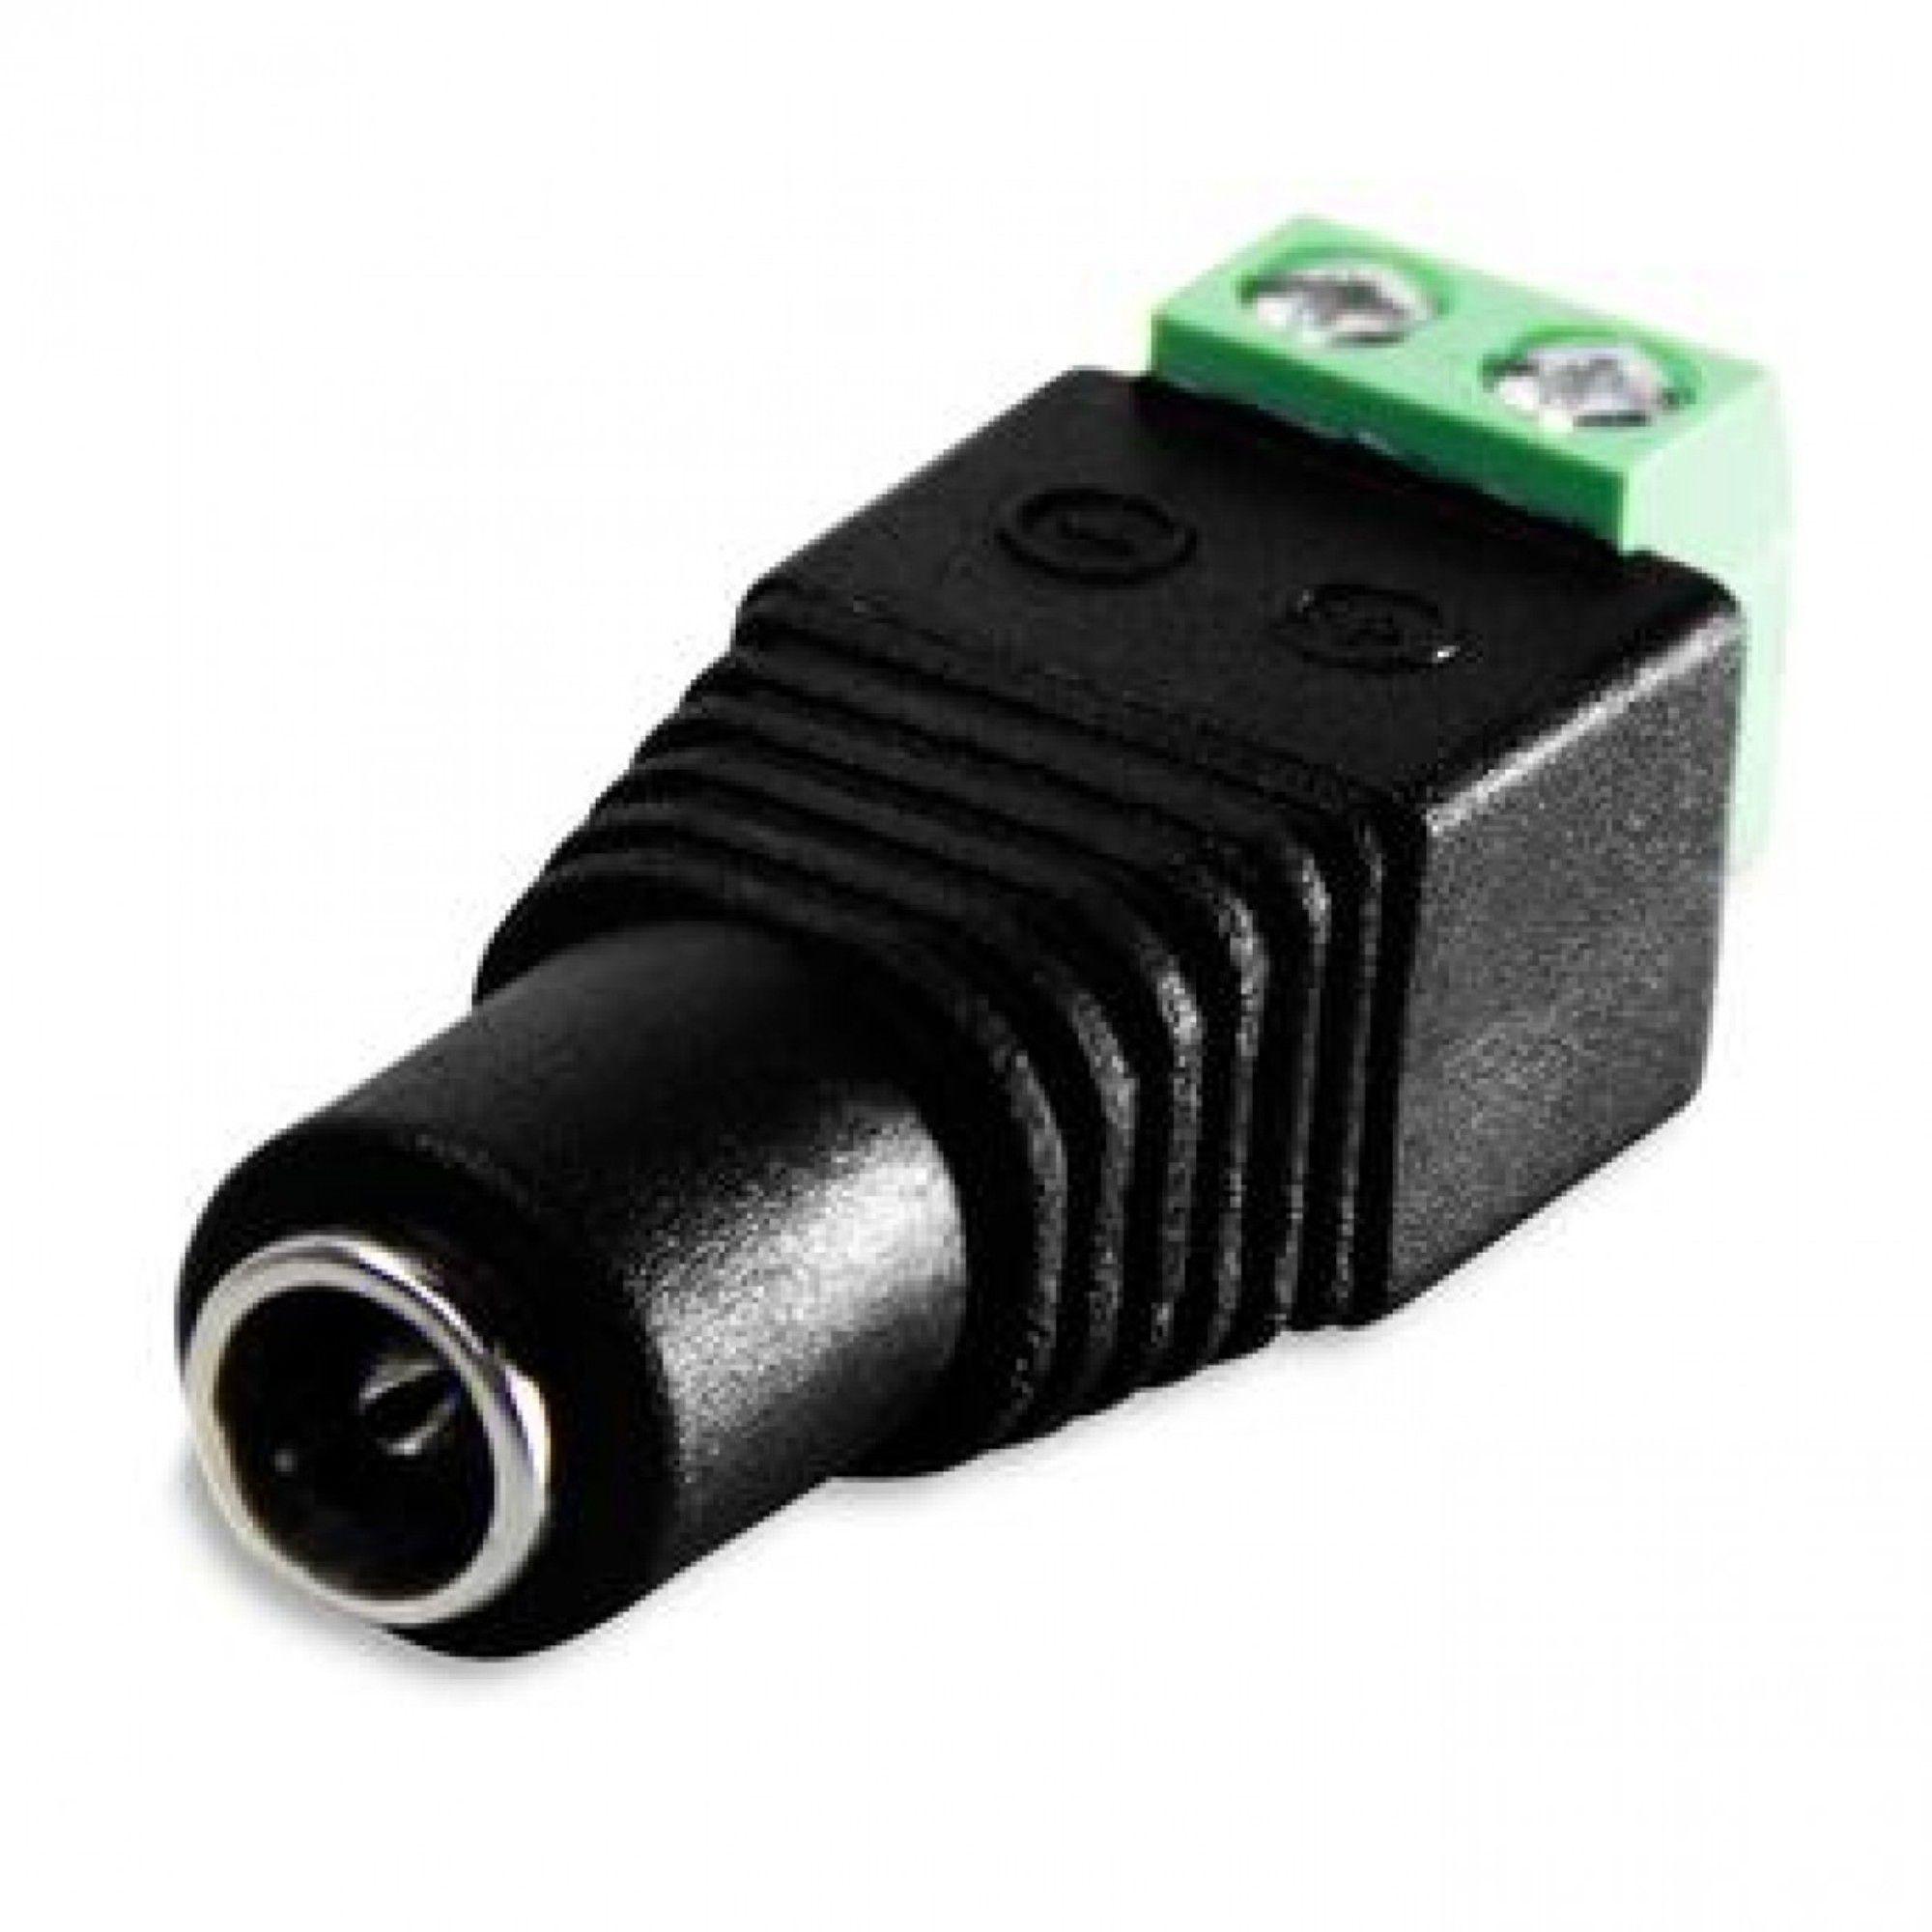 Conector P4 Fêmea com Borne - 5 unidades JPX